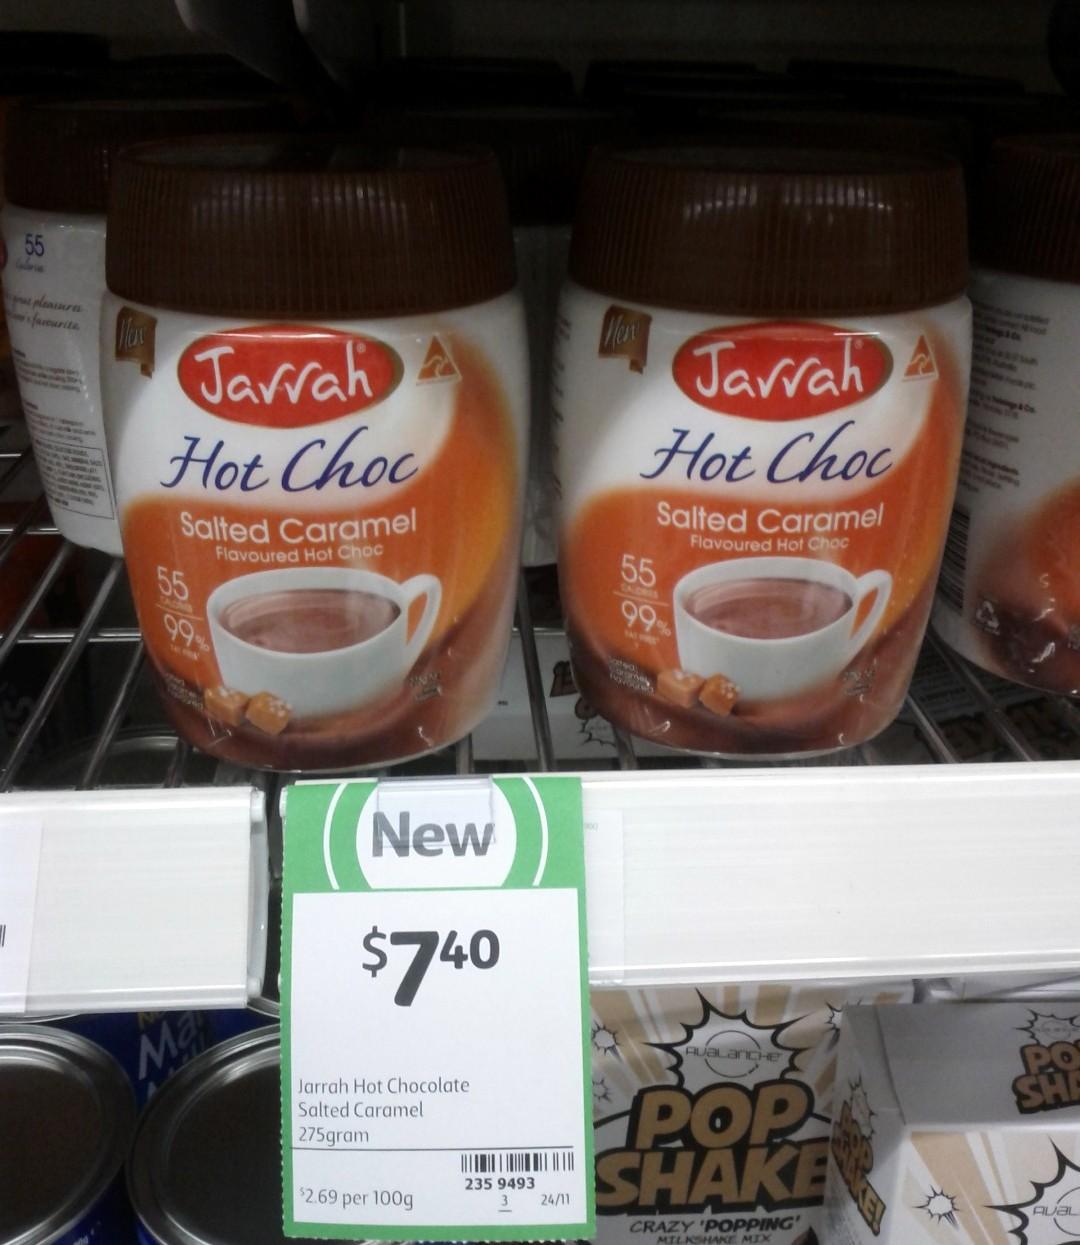 Jarrah Hot Choc 275g Salted Caramel